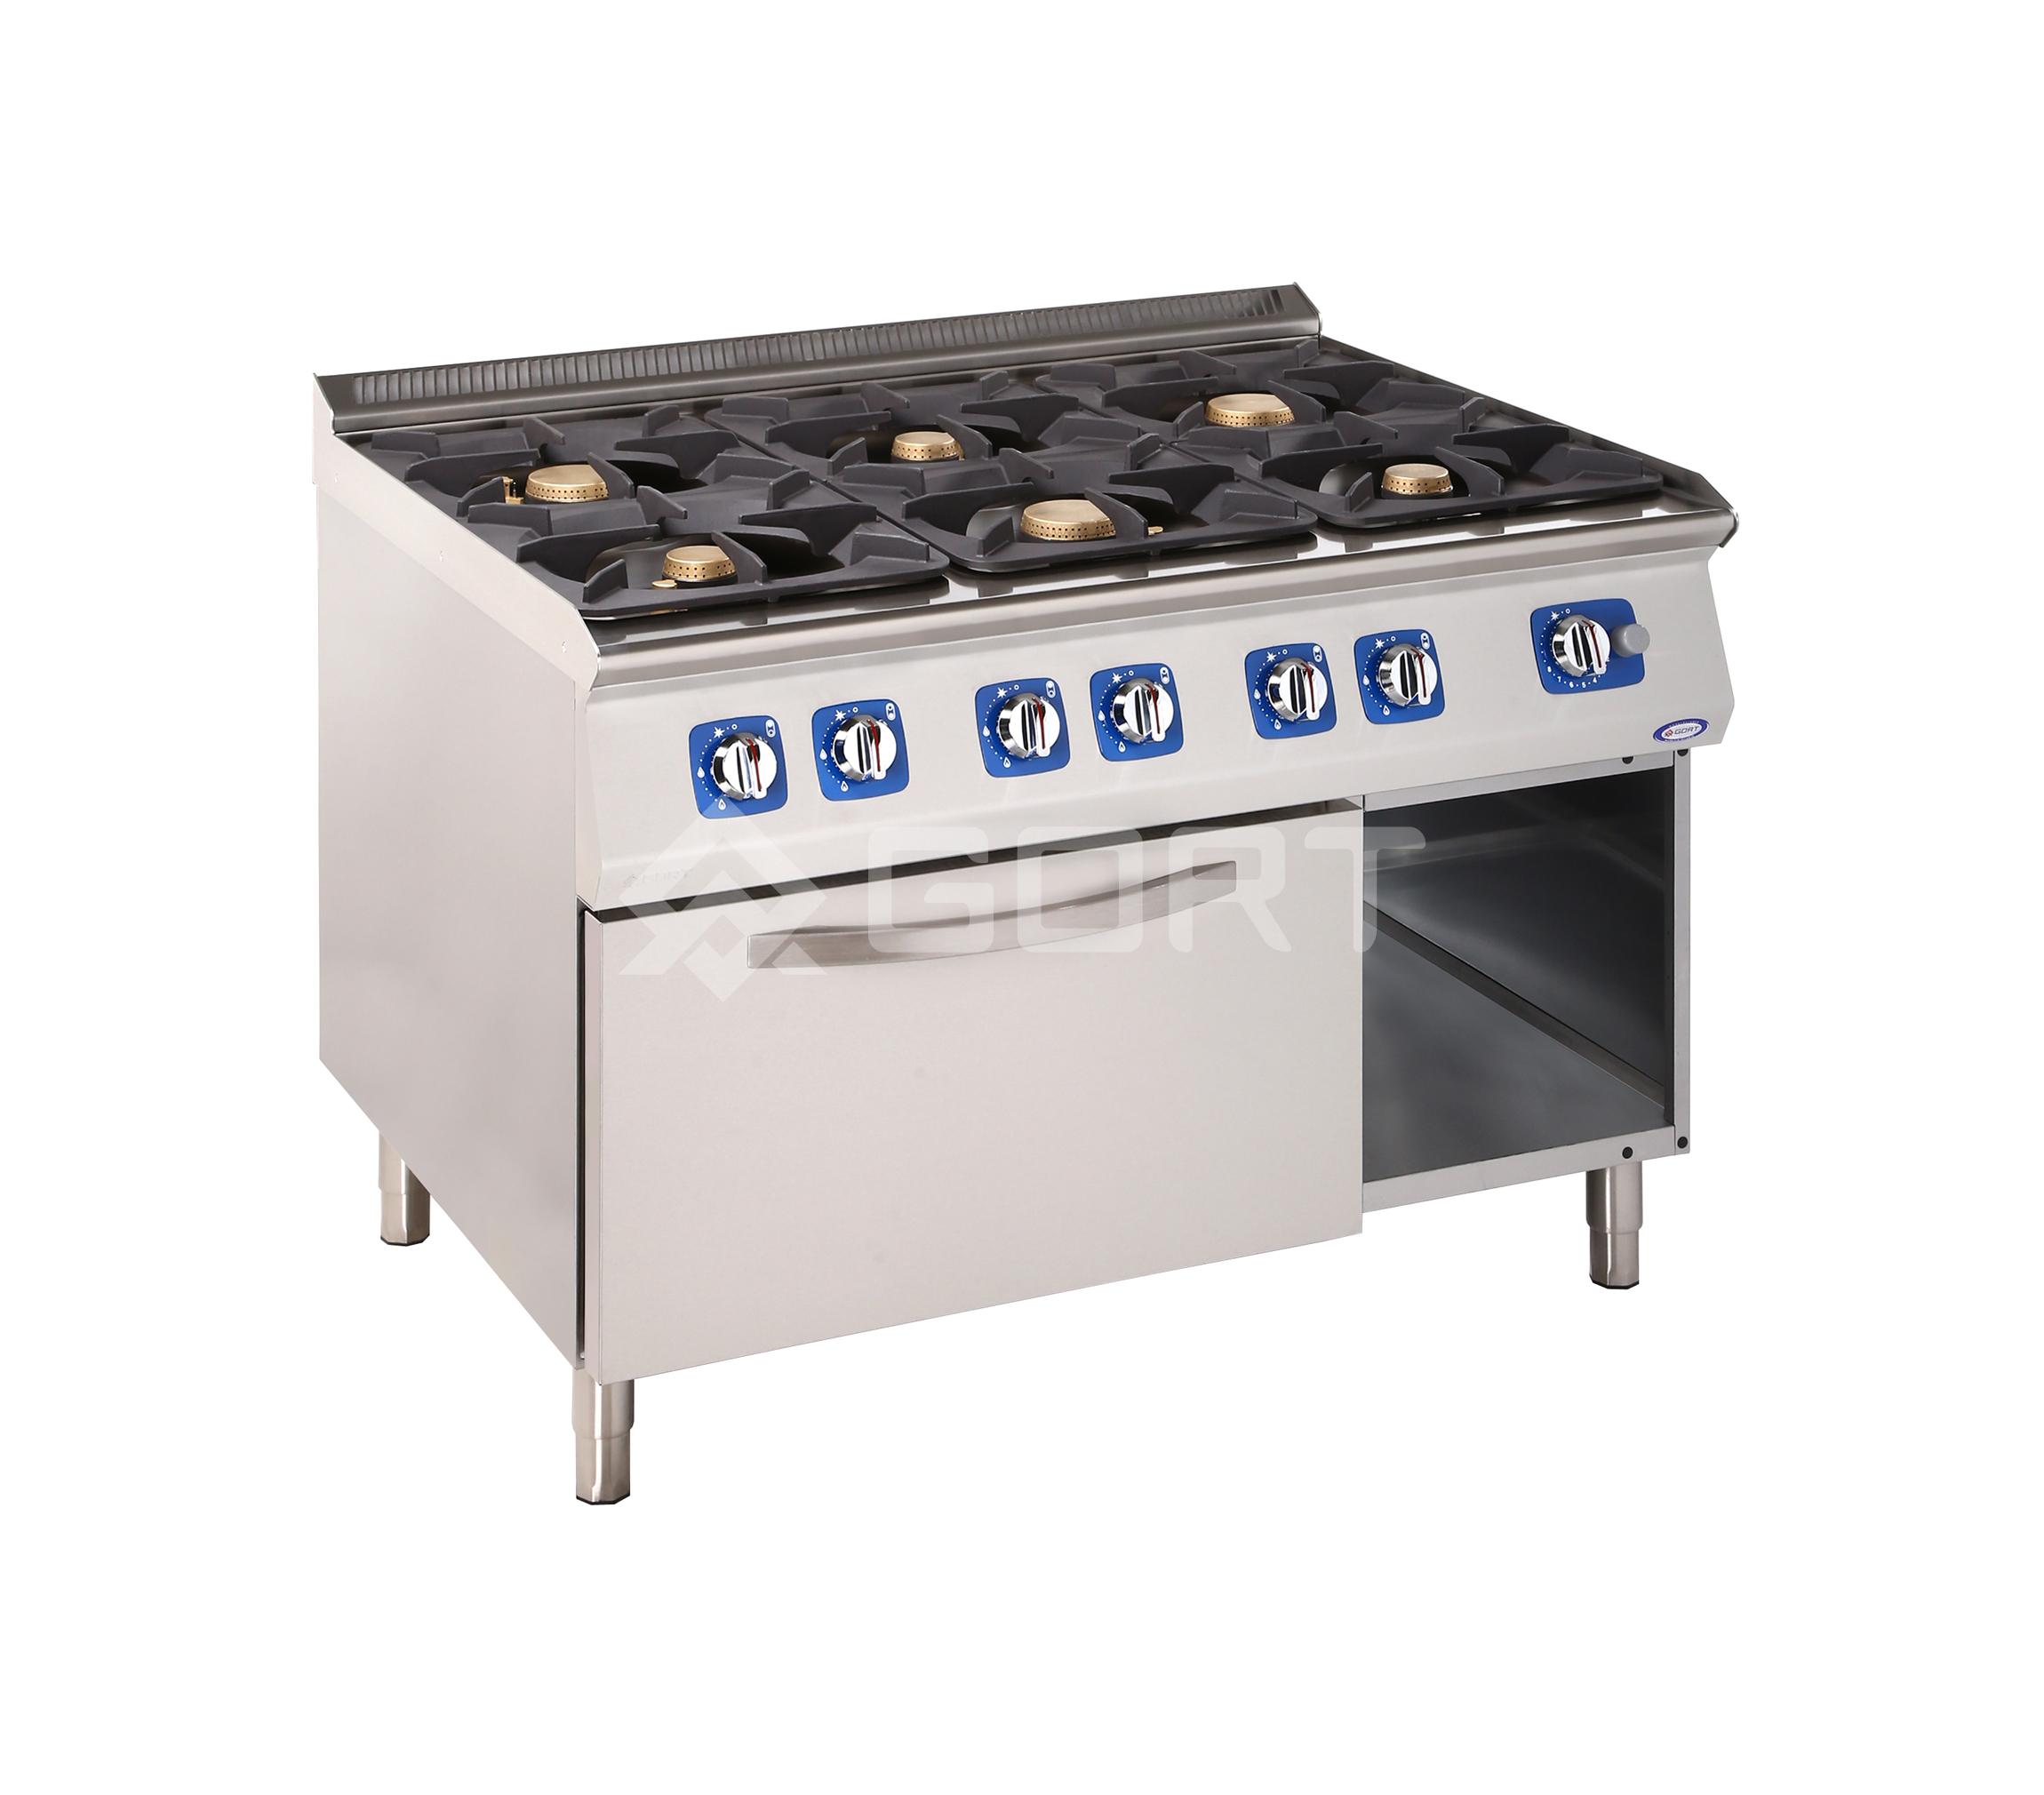 Kuchnia Gazowa 6 Palnikowa Z Piekarnikiem Gazowym L900 Gort Fabryka Maszyn Gastronomicznych